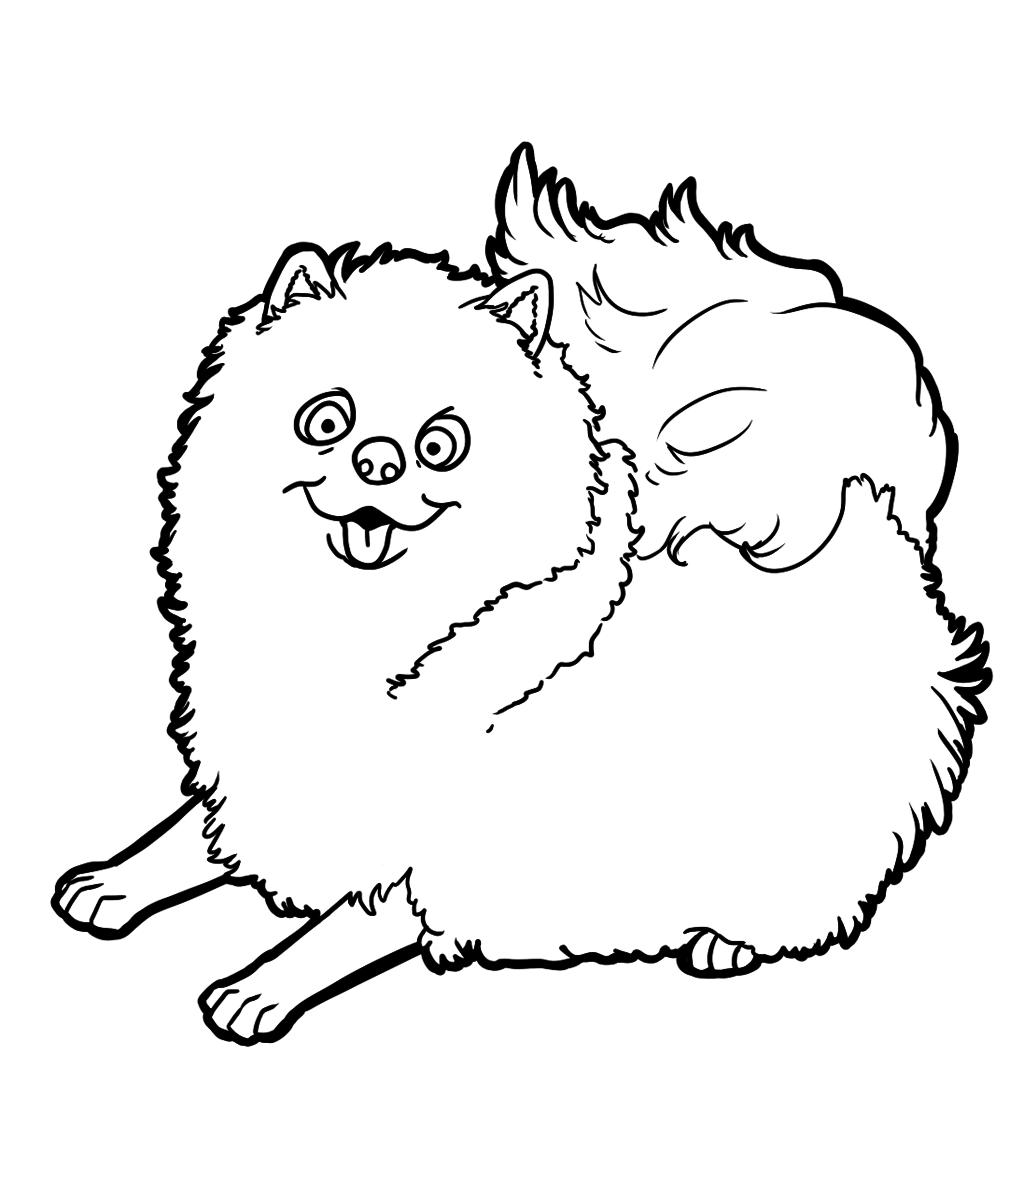 Pomeranian Dog Animal Pet To Print And Color